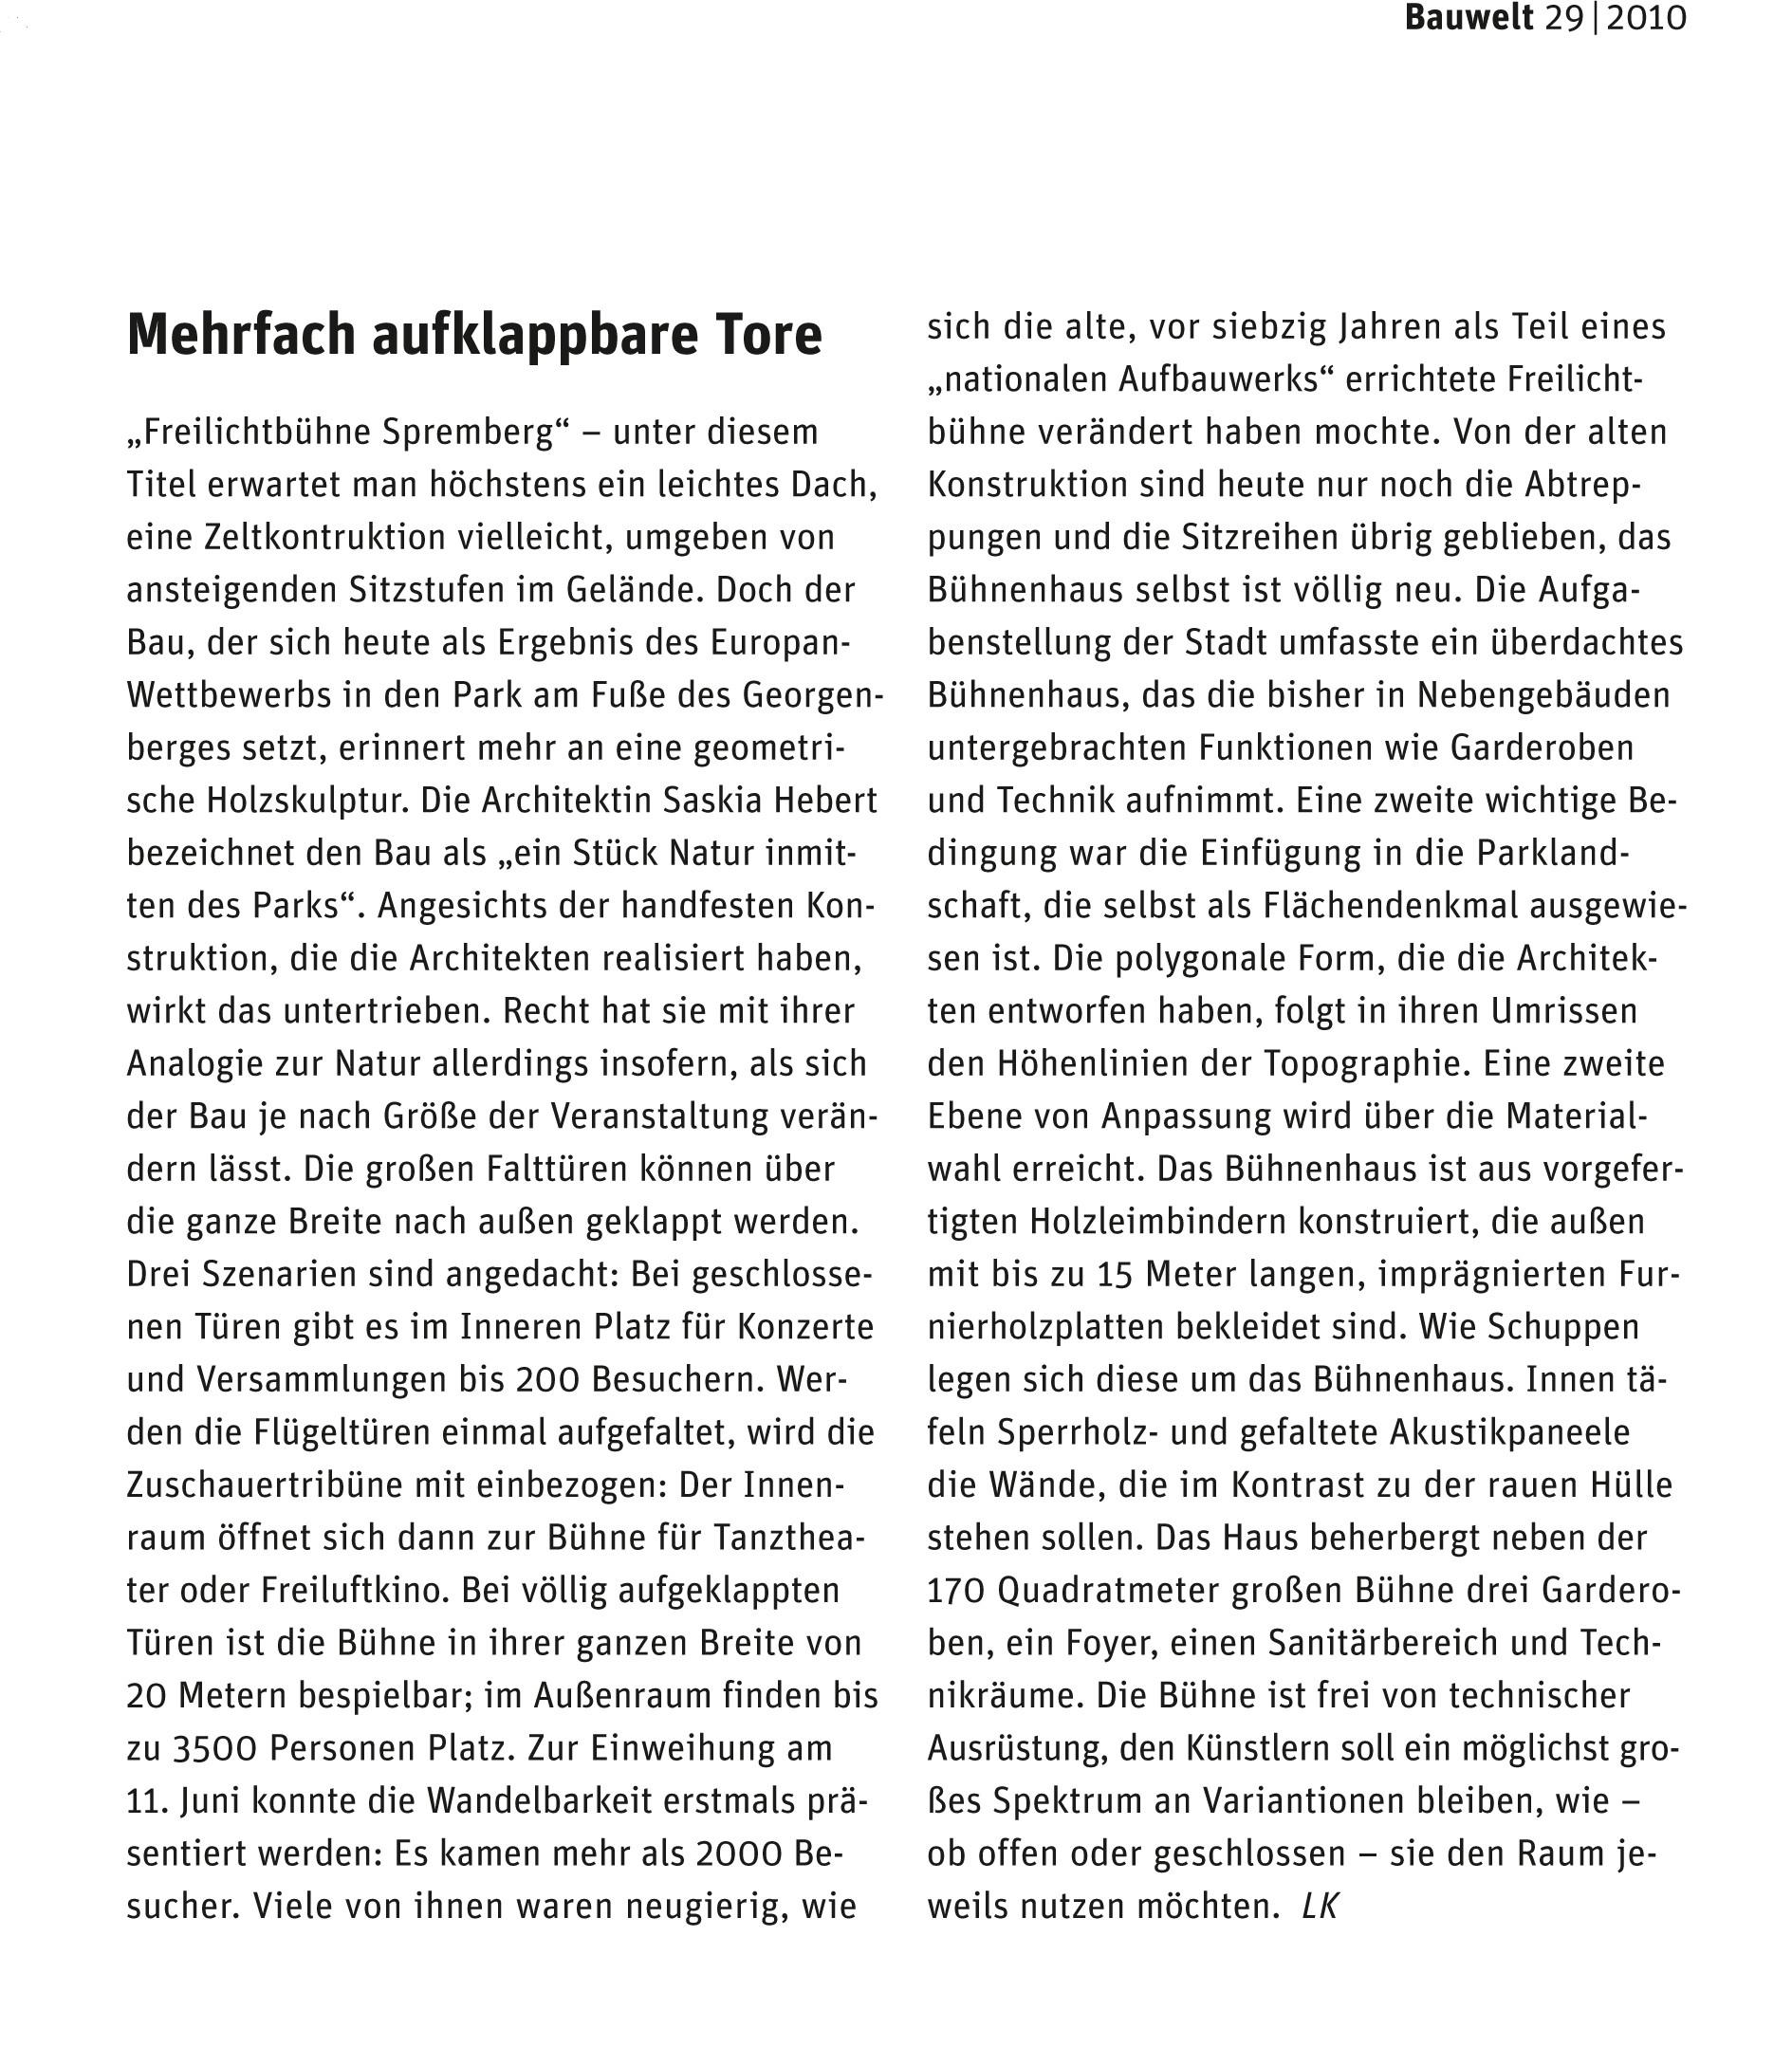 Bauwelt 29.2010-Bühne.jpg